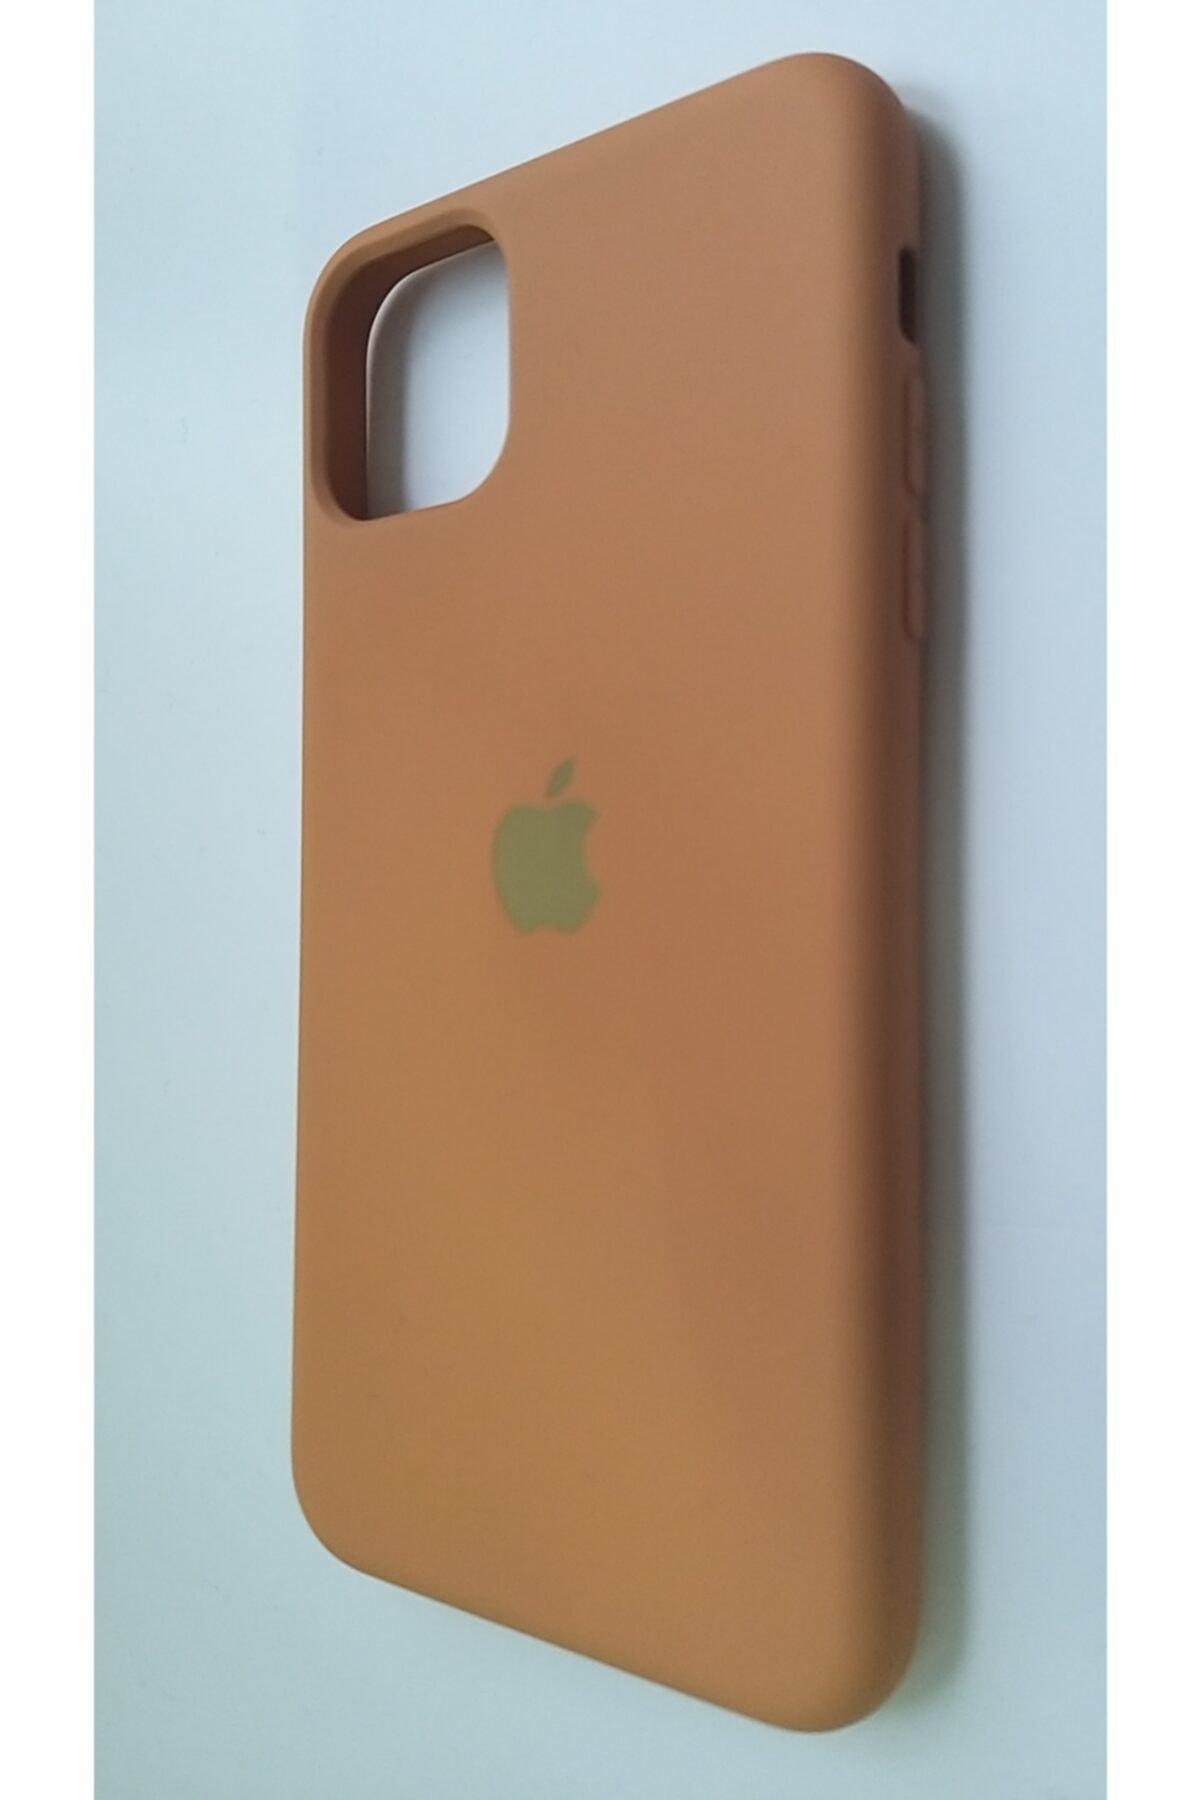 Pirok Store Iphone 11 Promax Taba Rengi Lansman Silikon Kılıf Içi Kadife Logolu 2